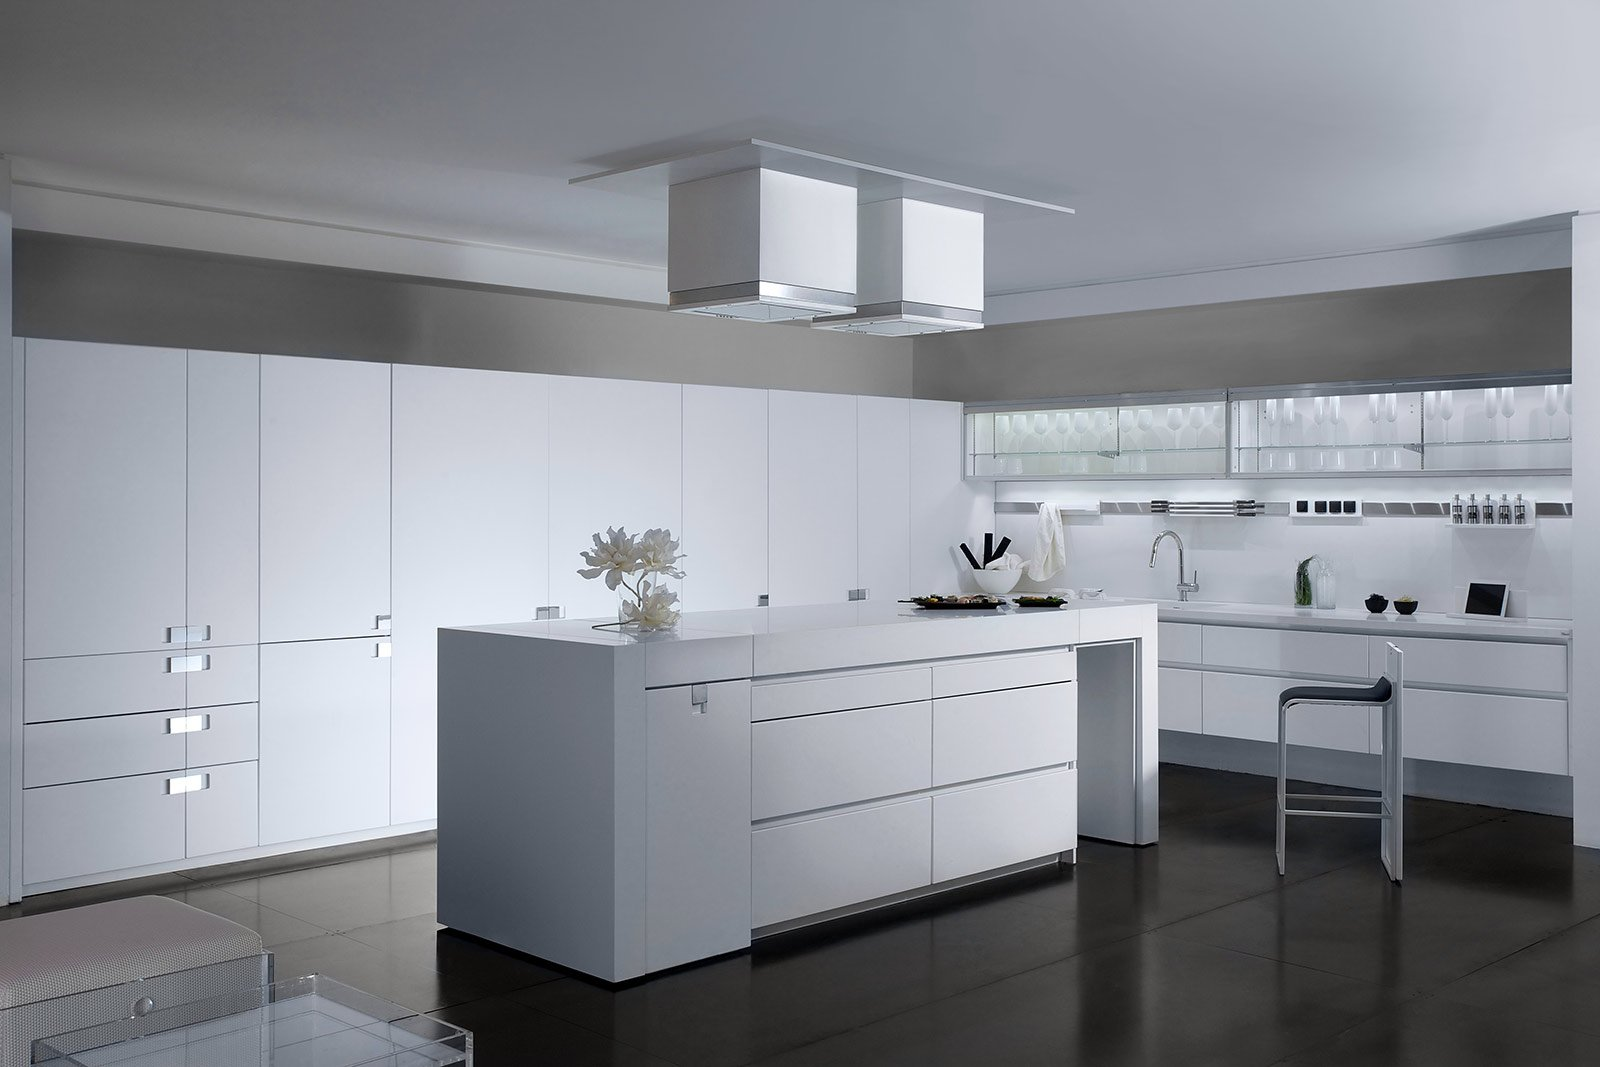 Cucine bianche moderne cose di casa - Cucine bianche moderne ...